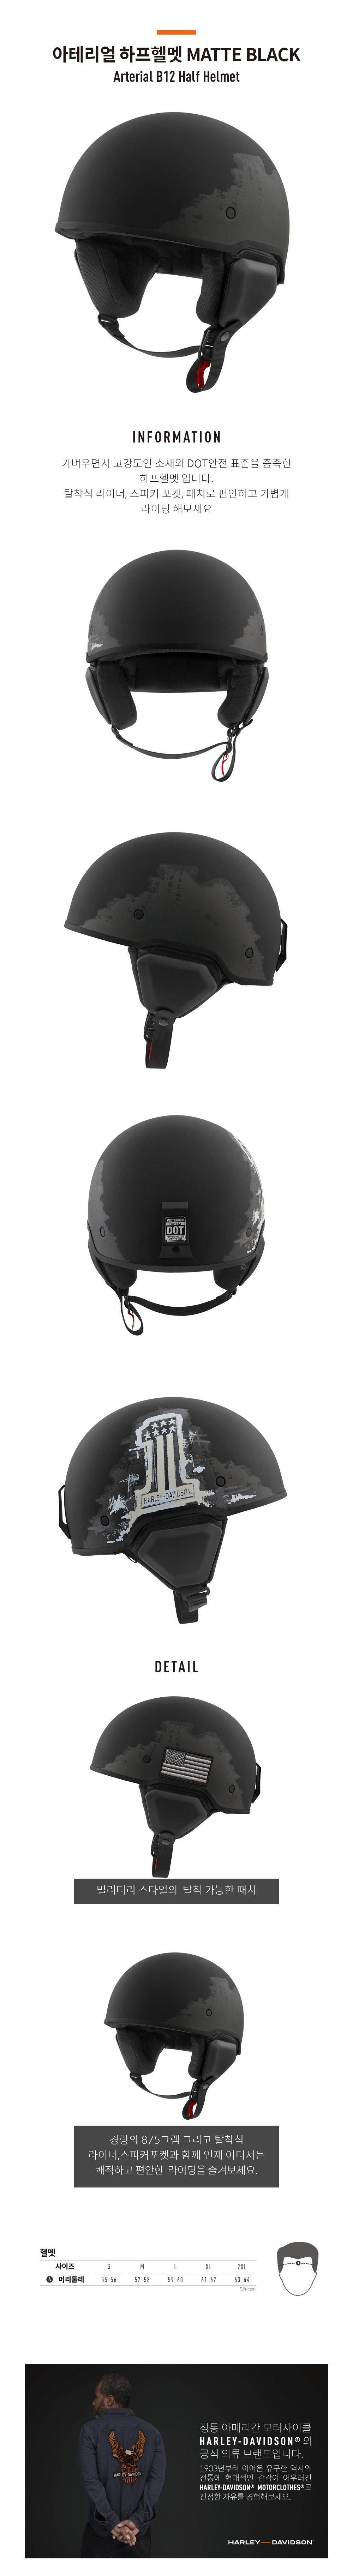 할리데이비슨 아테리얼 하프헬멧 MATTE BLACK